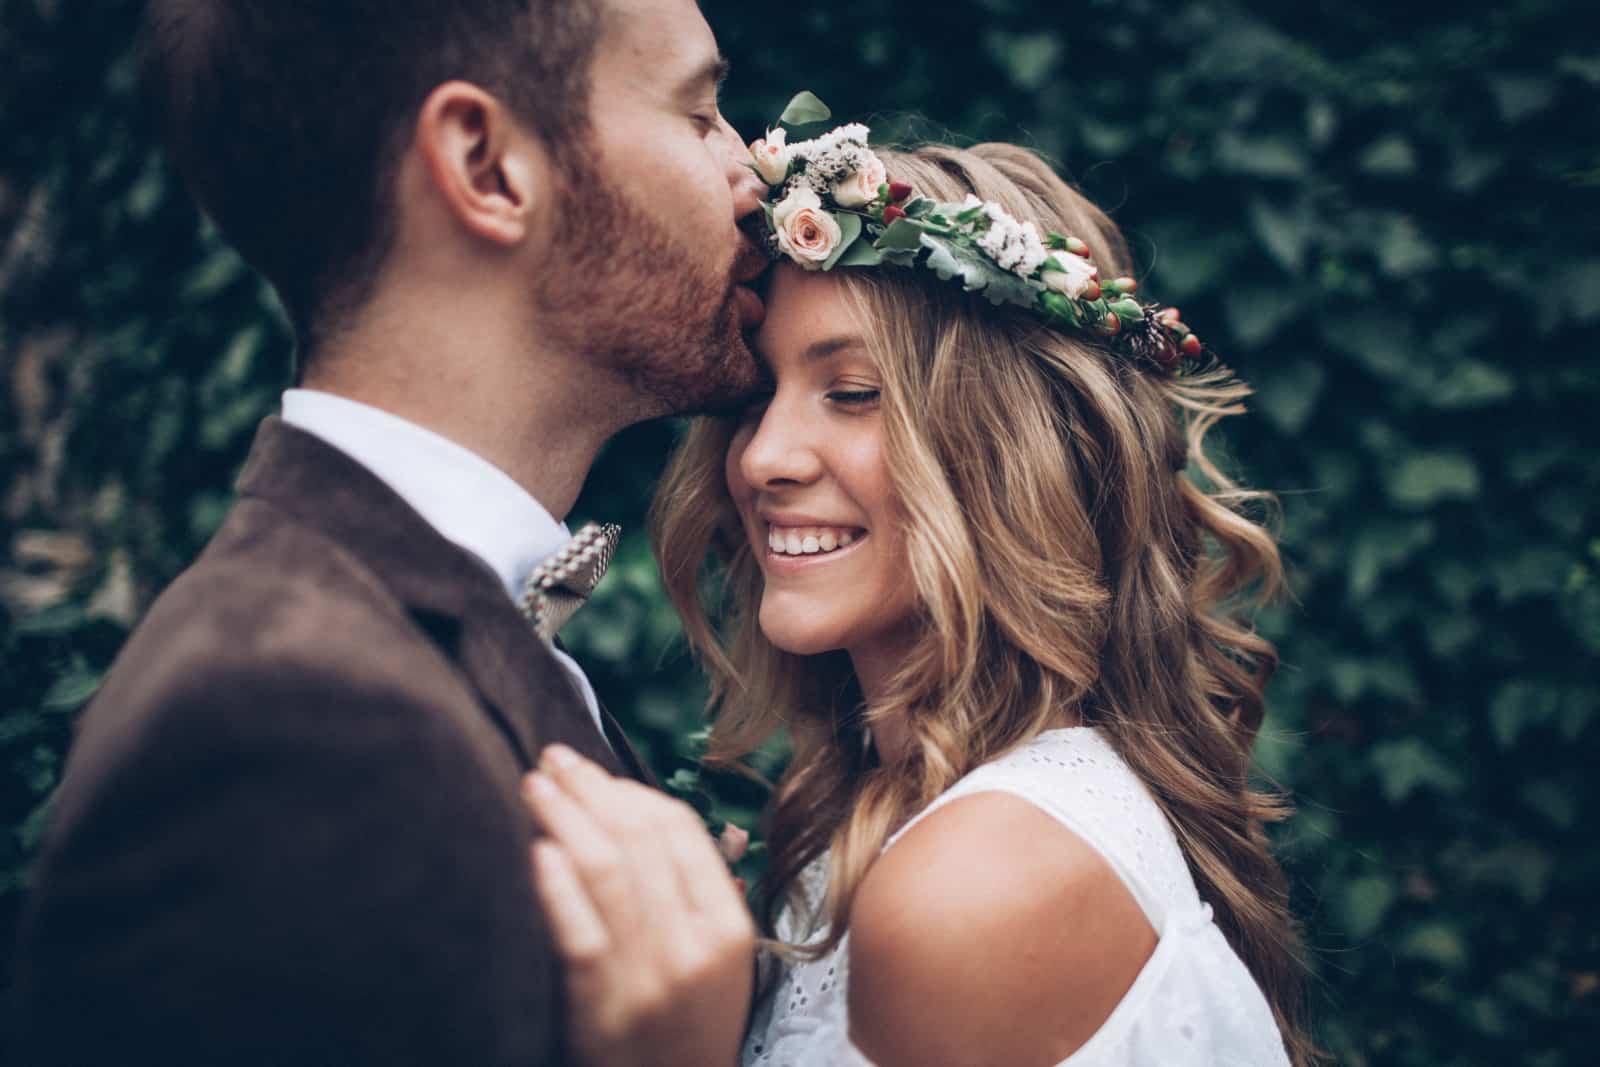 Der Bräutigam küsst die Braut auf die Stirn (3)